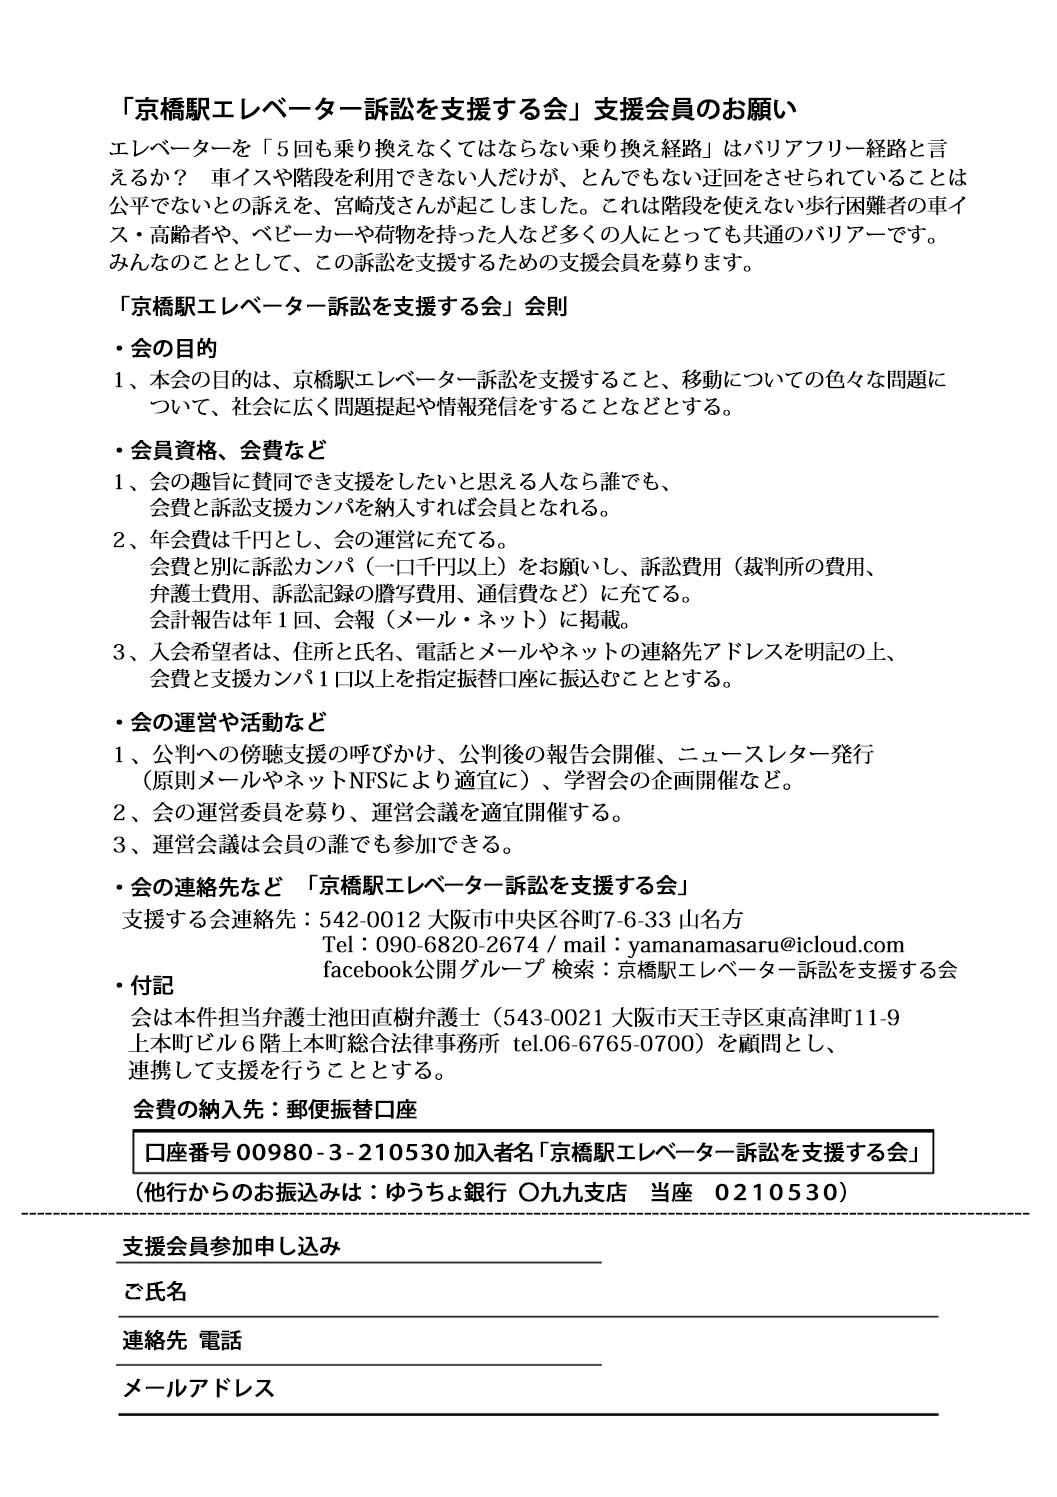 「京橋駅エレベーター訴訟を支援する会」を立ち上げました。_c0167961_23321175.jpg